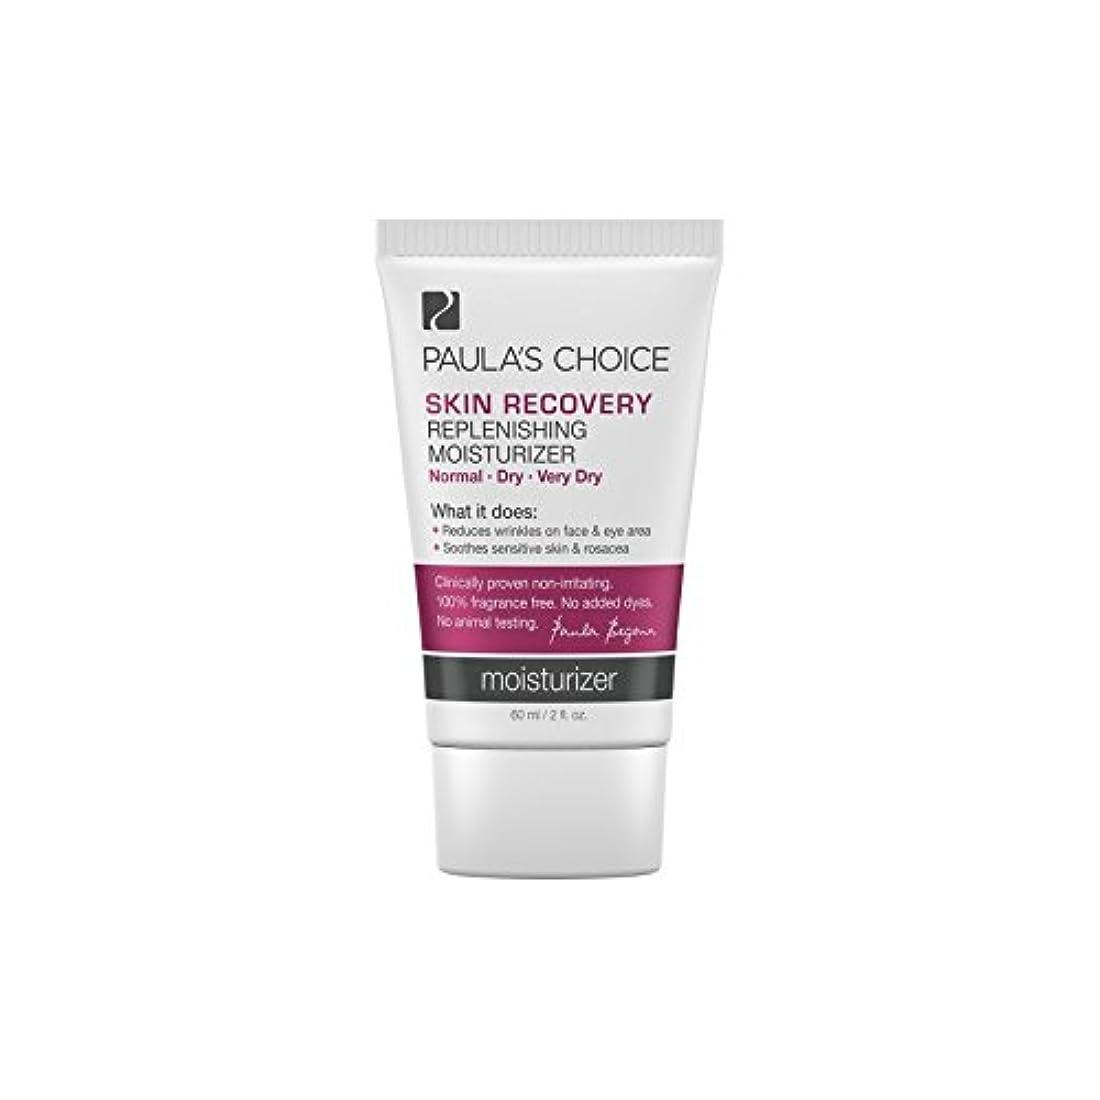 十代の若者たち欠席百年Paula's Choice Skin Recovery Replenishing Moisturizer (60ml) - ポーラチョイスの肌の回復補充保湿(60ミリリットル) [並行輸入品]